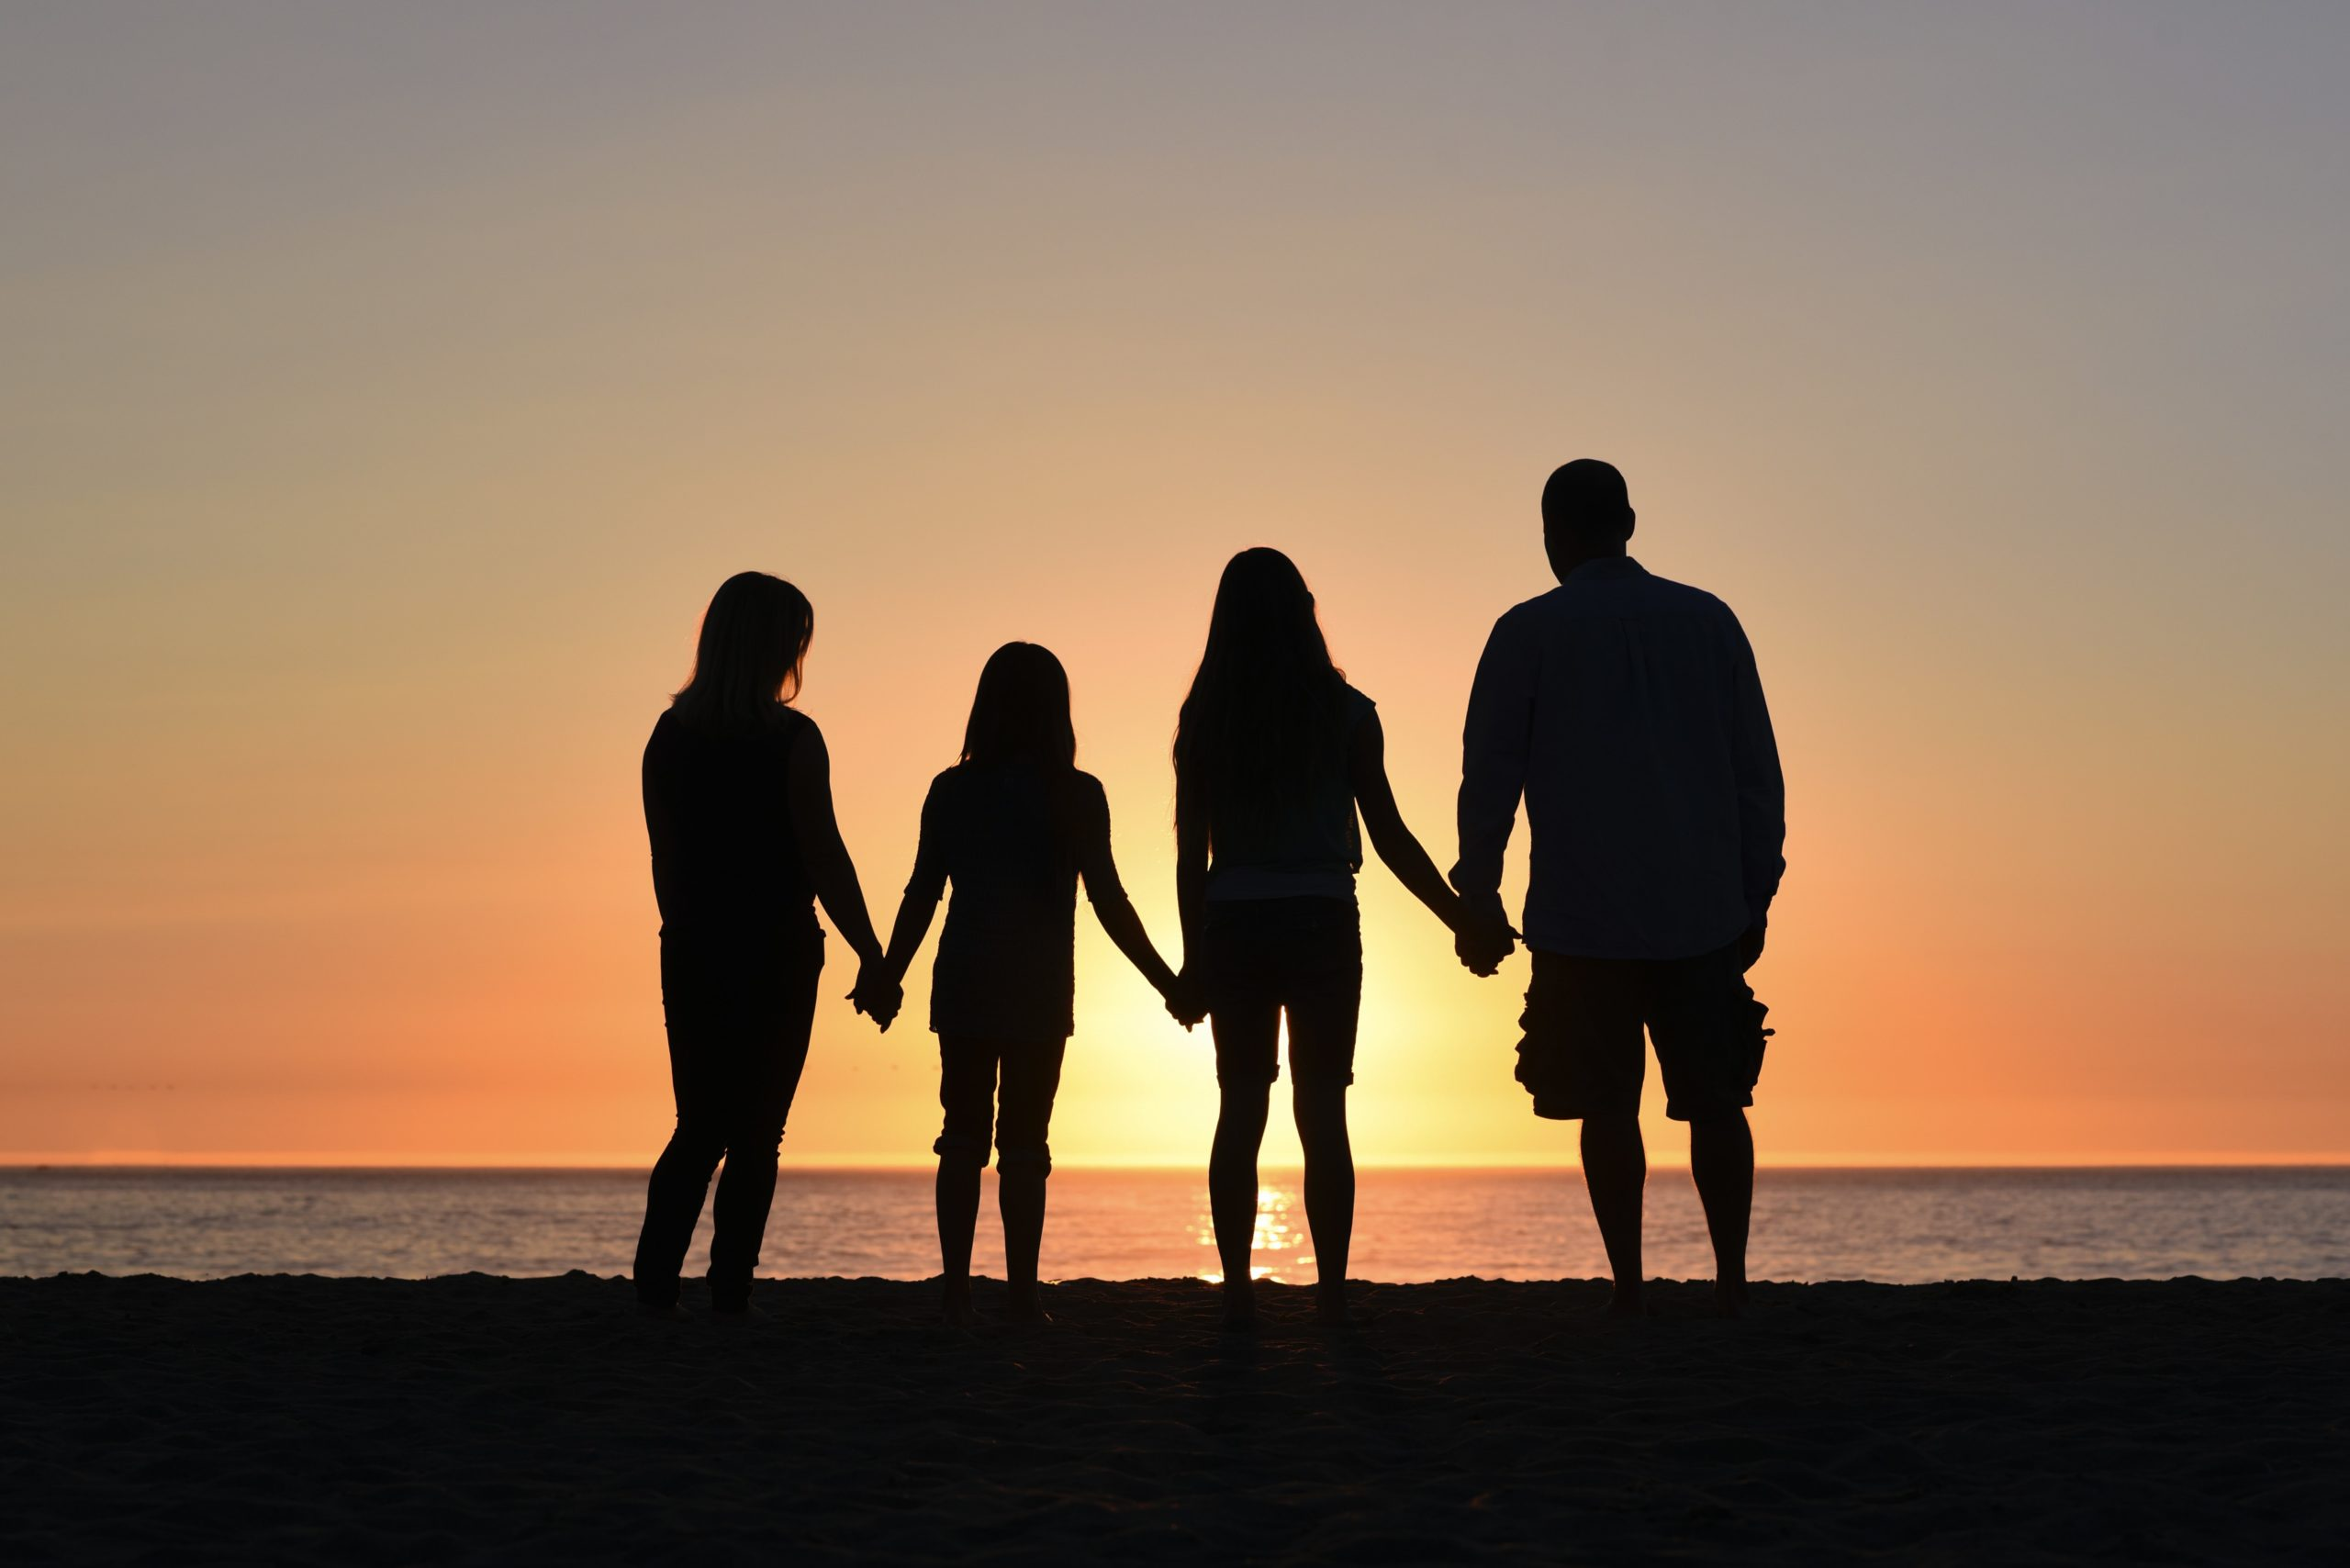 加州ADU的机遇还是挑战?—— 美国的大多数年轻人与父母同住的比例达最高峰